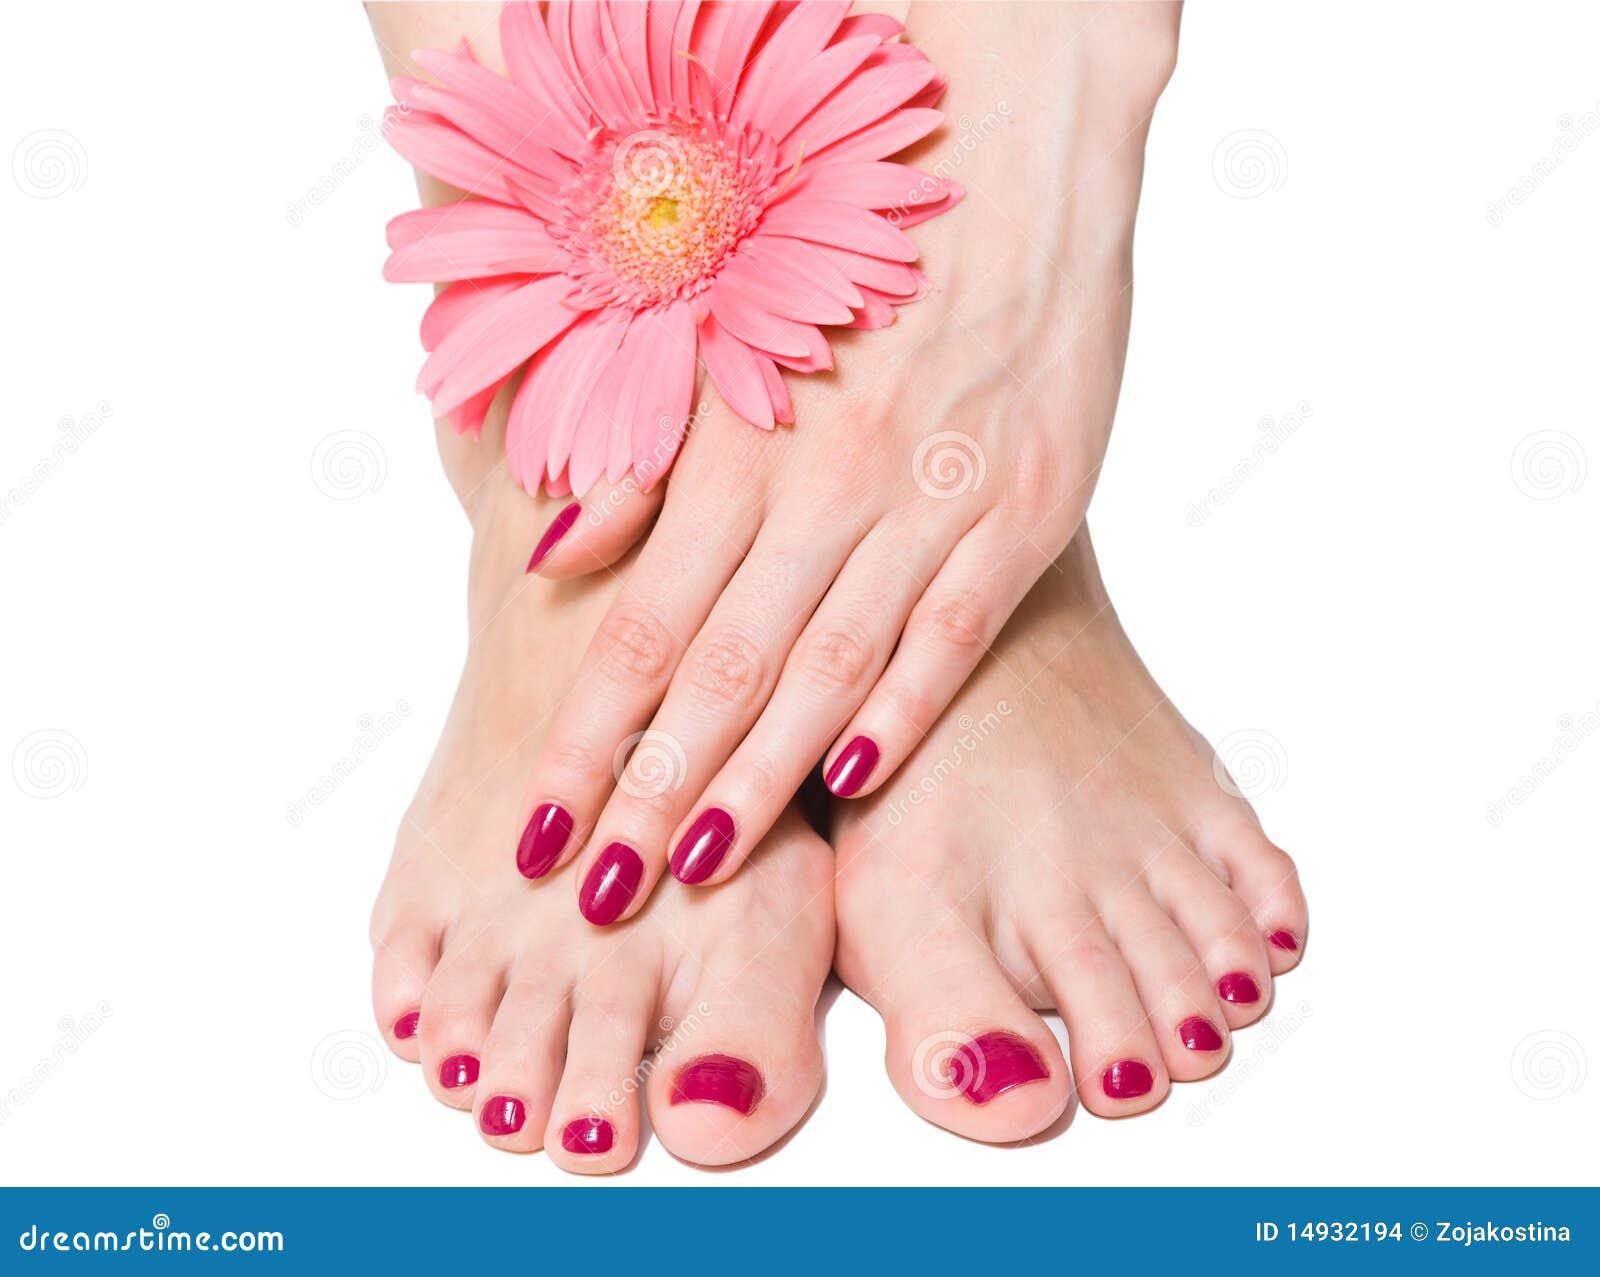 Imagenes de archivo: Pique la manicura y el pedicure con la flor